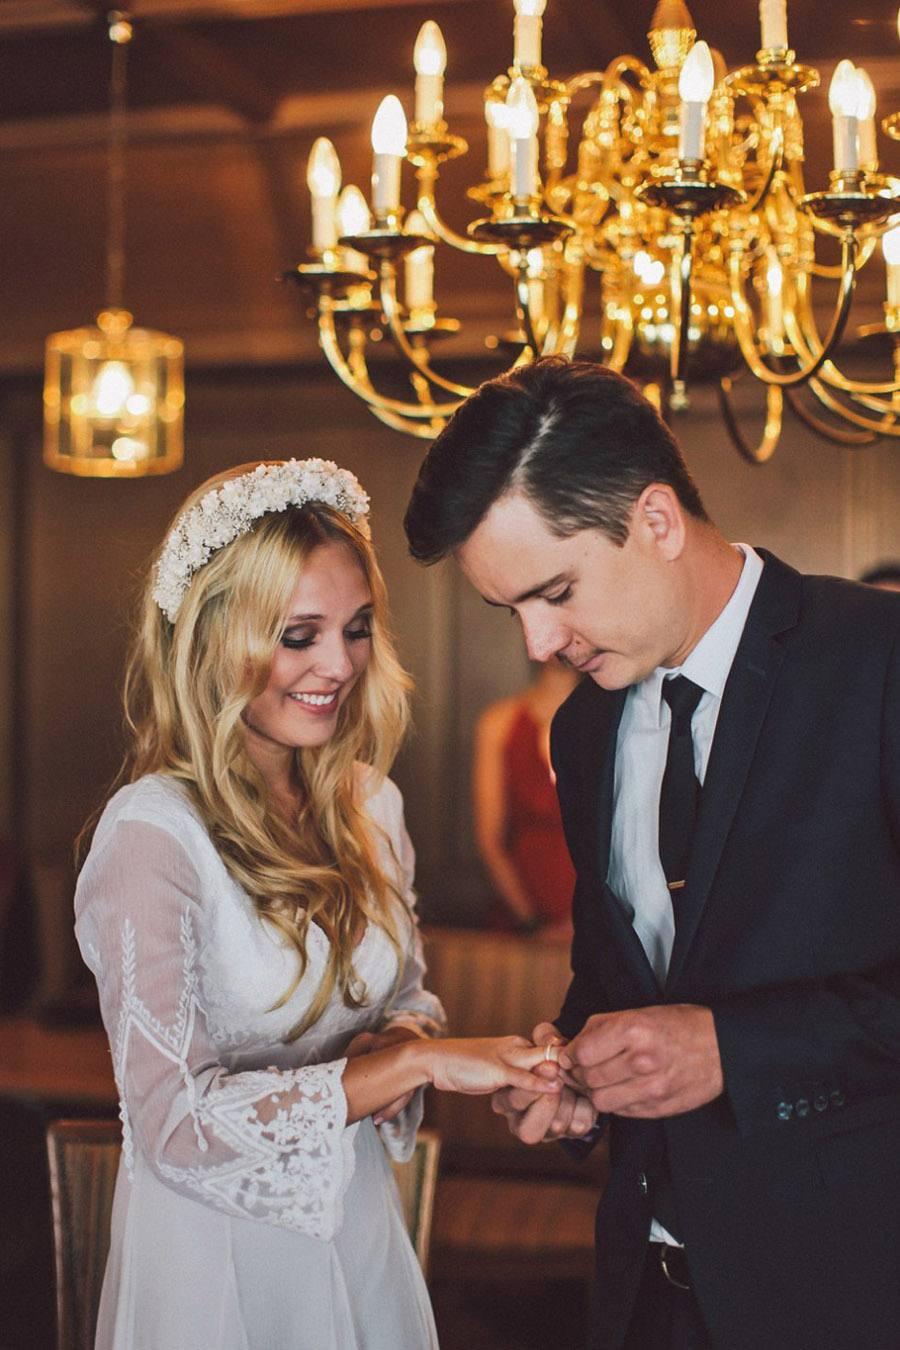 SARAH & IAN: BODA BOHEMIA EN LA NIEVE boda-bohemia-chic